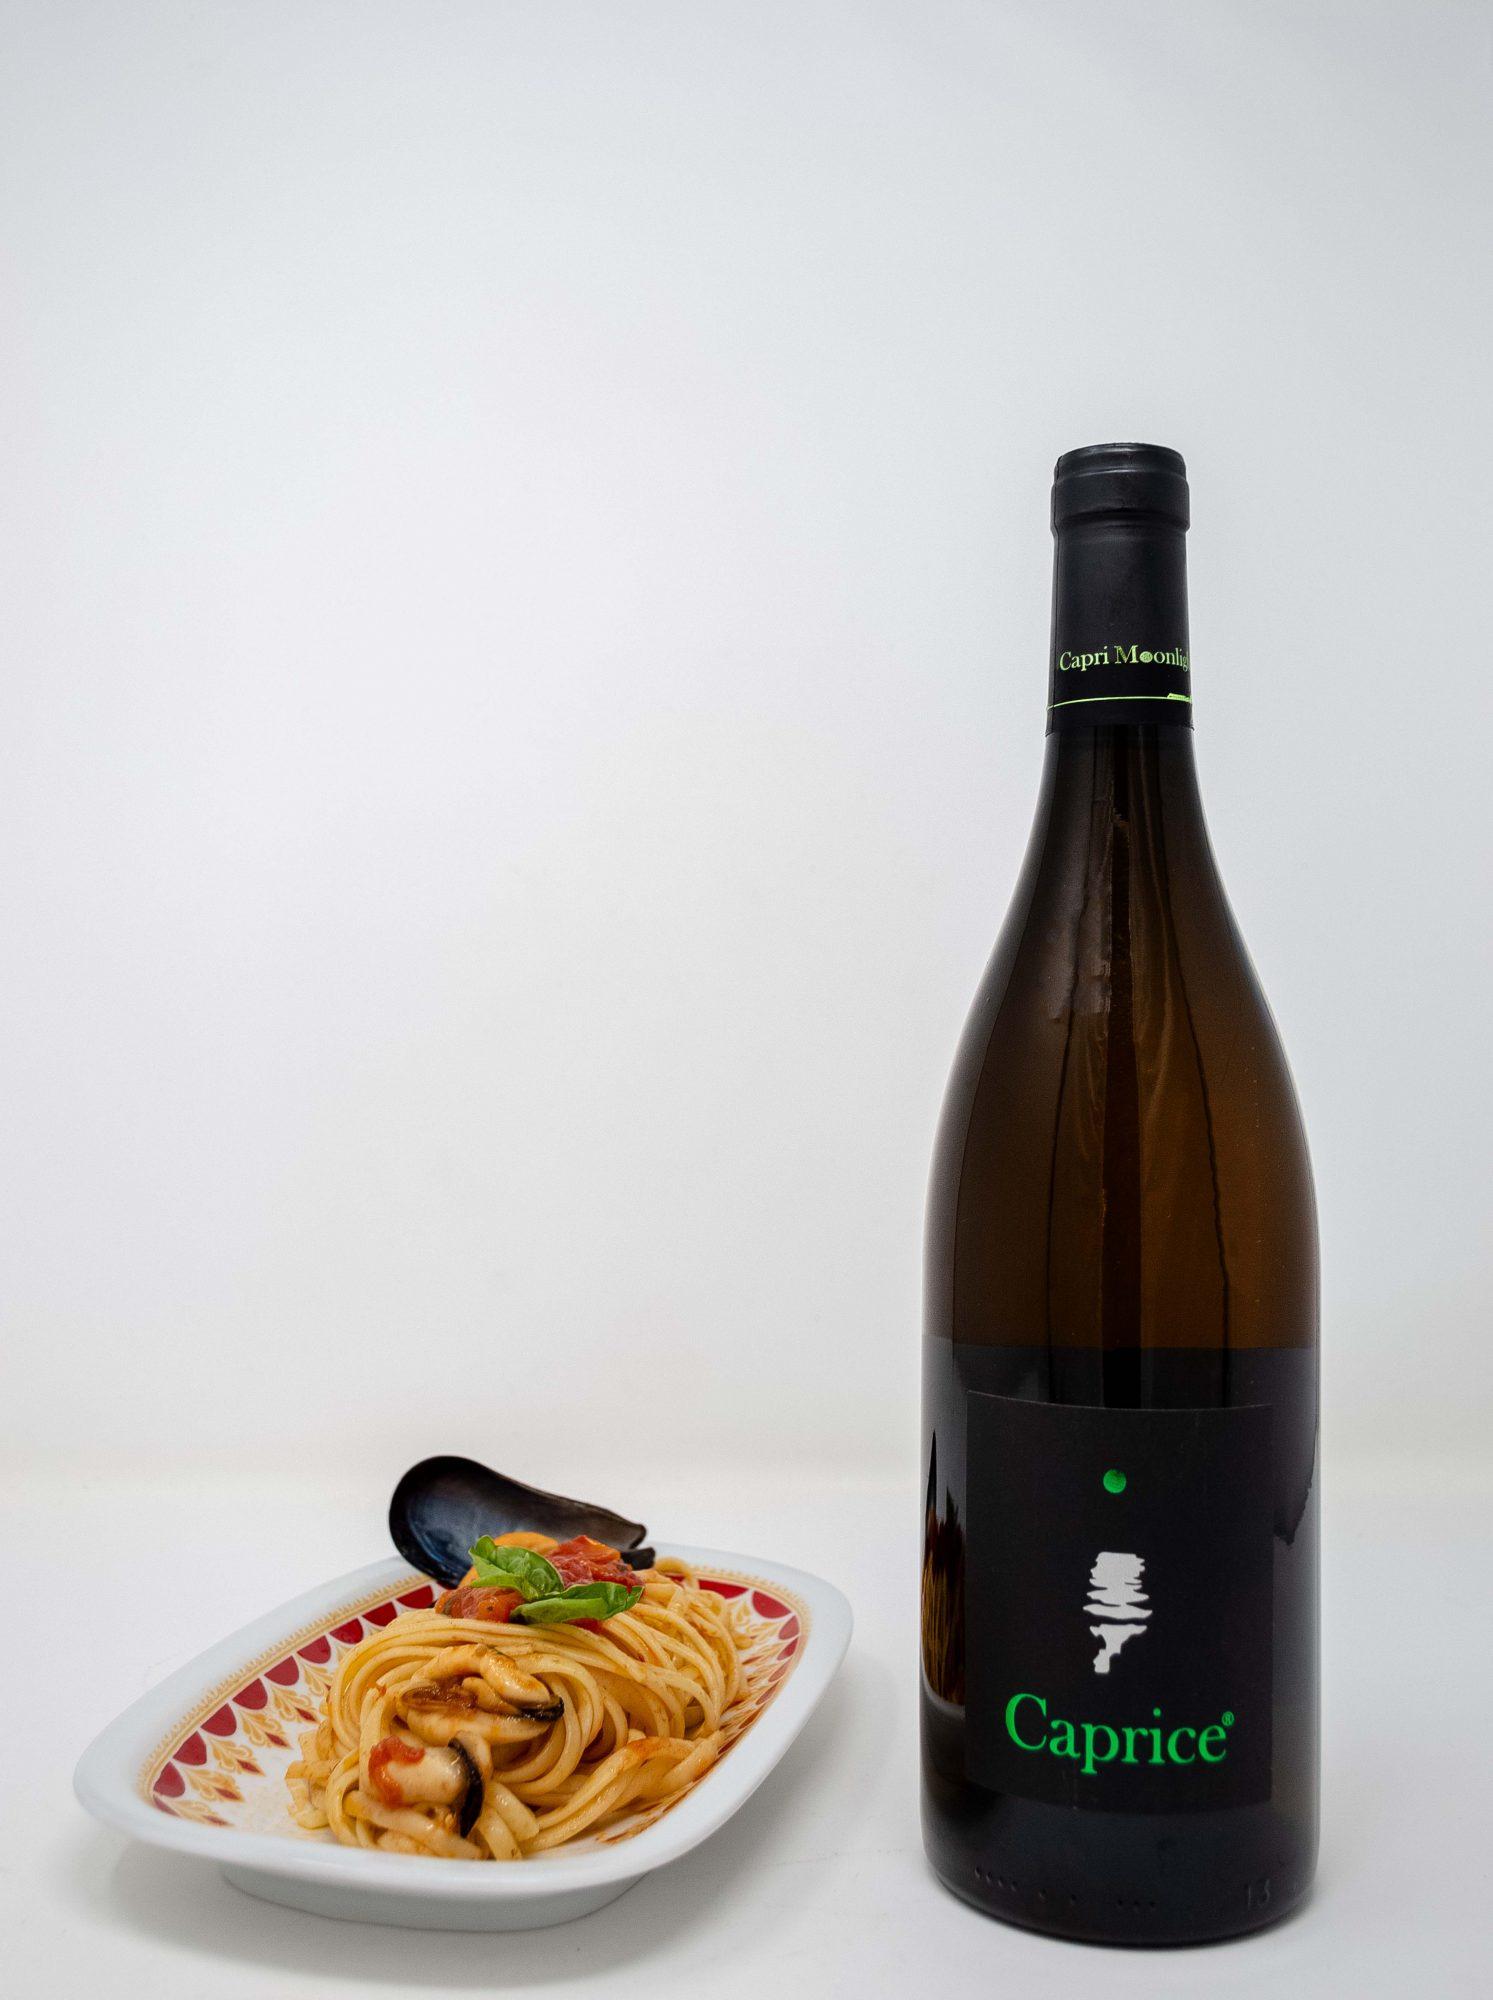 """Spaghetti con le cozze e """"Caprice bianco"""" di """"Capri Moonlight"""": due tentazioni a tavola!"""